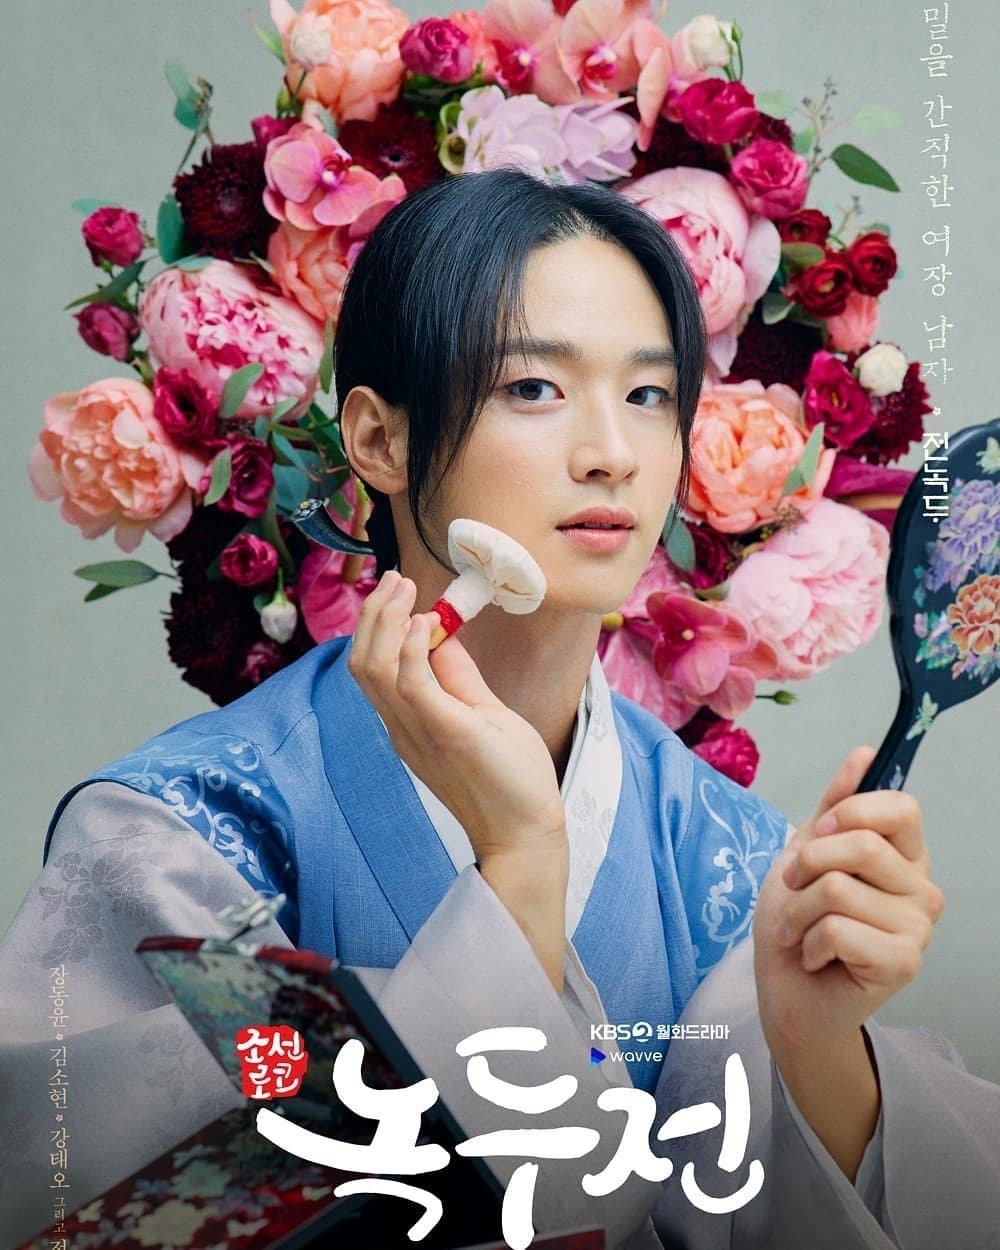 Phim Tiểu Sử Chàng Nokdu-Cập nhật nhanh nhất (Phim Hàn Quốc)